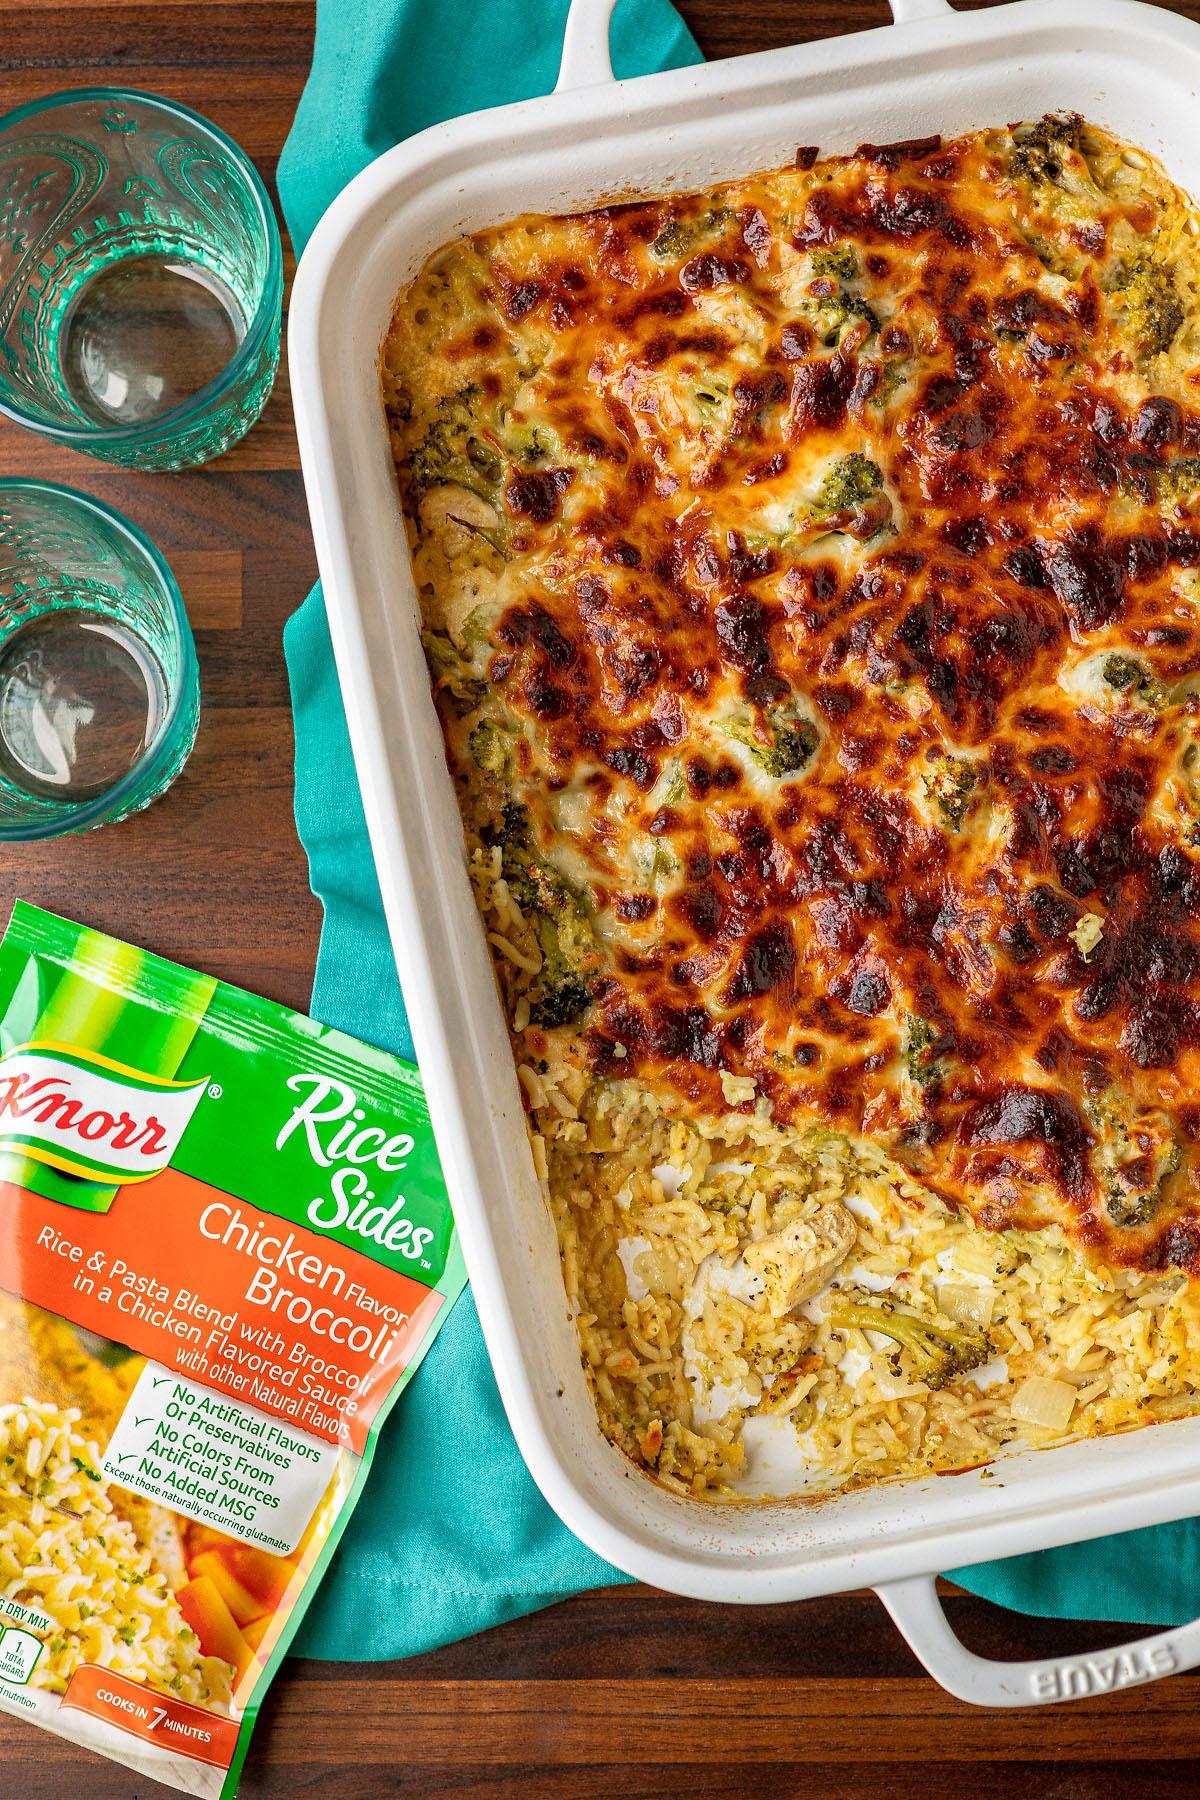 Broccoli Rice Cheese and Chicken Casserole Recipe